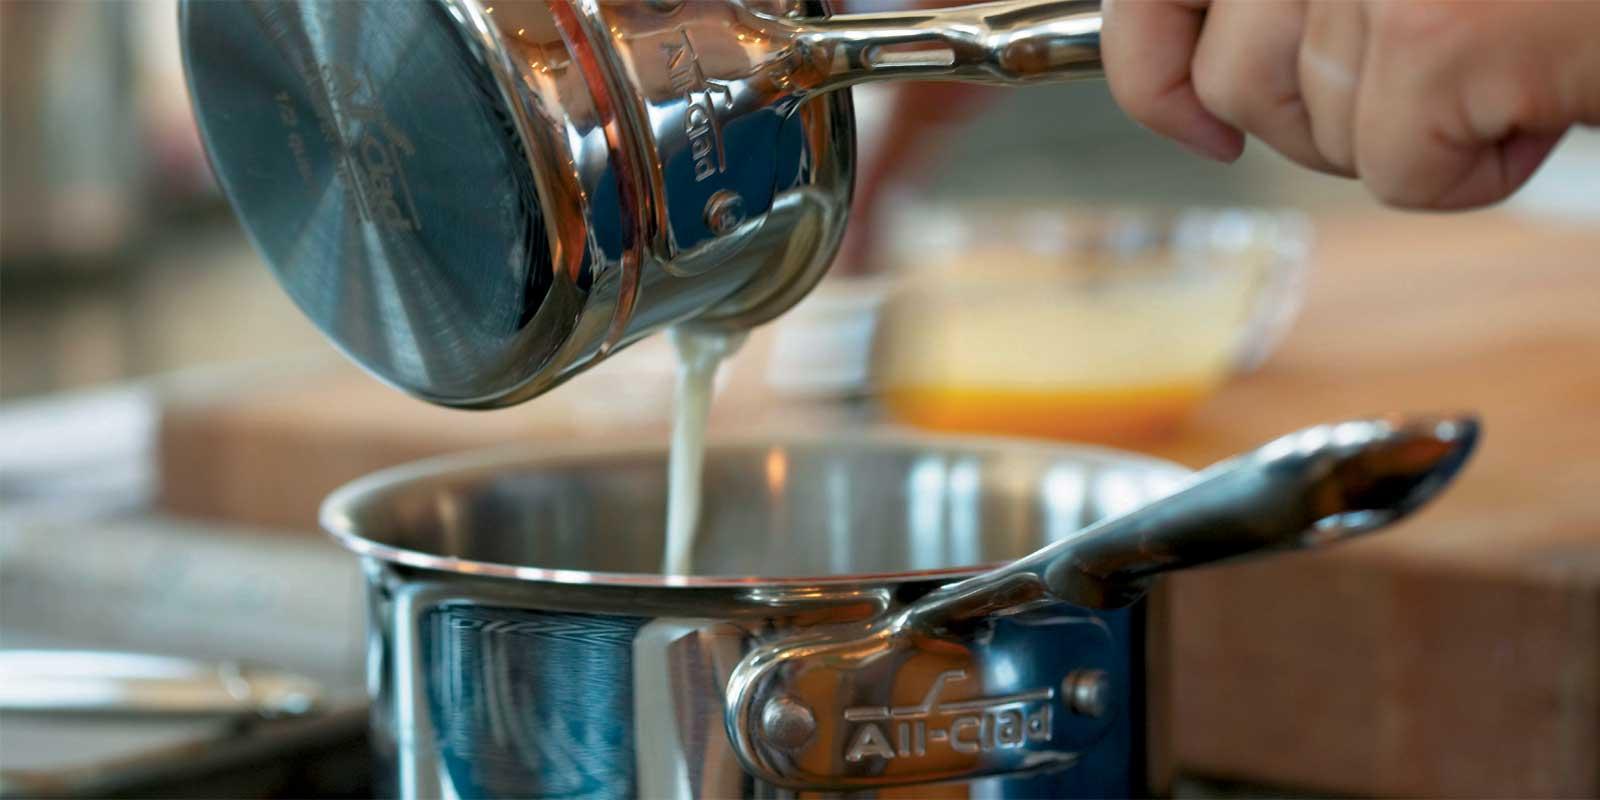 All-Clad Töpfe und Pfannen - d5 All-Clad präsentiert die nächste Generation Mehrschicht-Edelstahl-Kochgeschirr - Optimiert für Hochleistungs-Induktionsherde. Mit patentierter d5 Technologie, entwickelt und hergestellt in den USA, kombiniert den klassischen Stil der Stainless-Serie mit gesteigerter Performance und verbesserter Ergonomie.